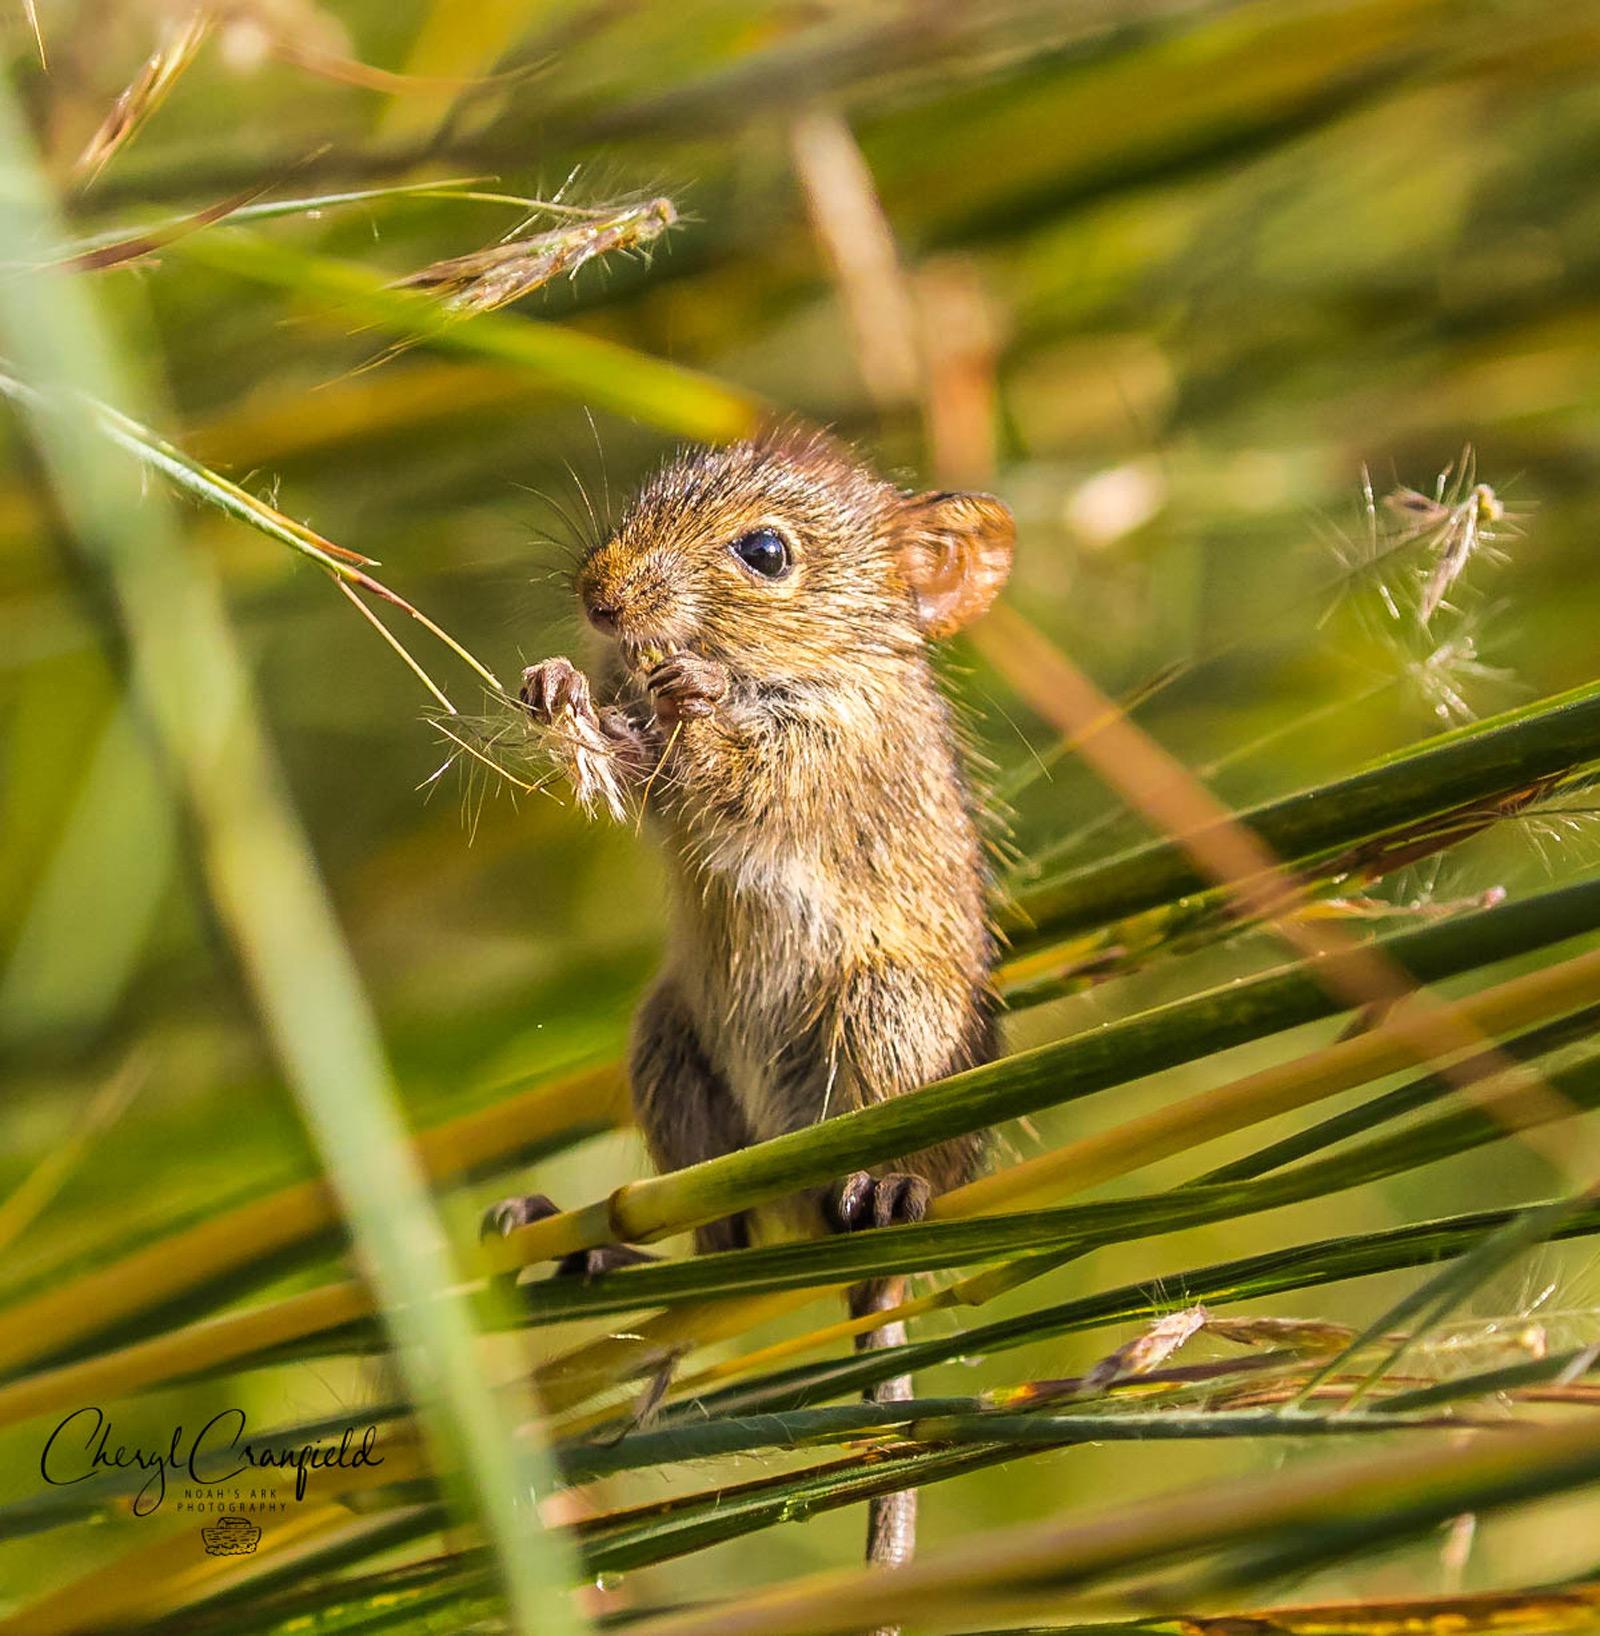 A young mouse feeds on grass seeds. Kirstenbosch Botanical Gardens, Cape Town, South Africa © Cheryl Cranfield